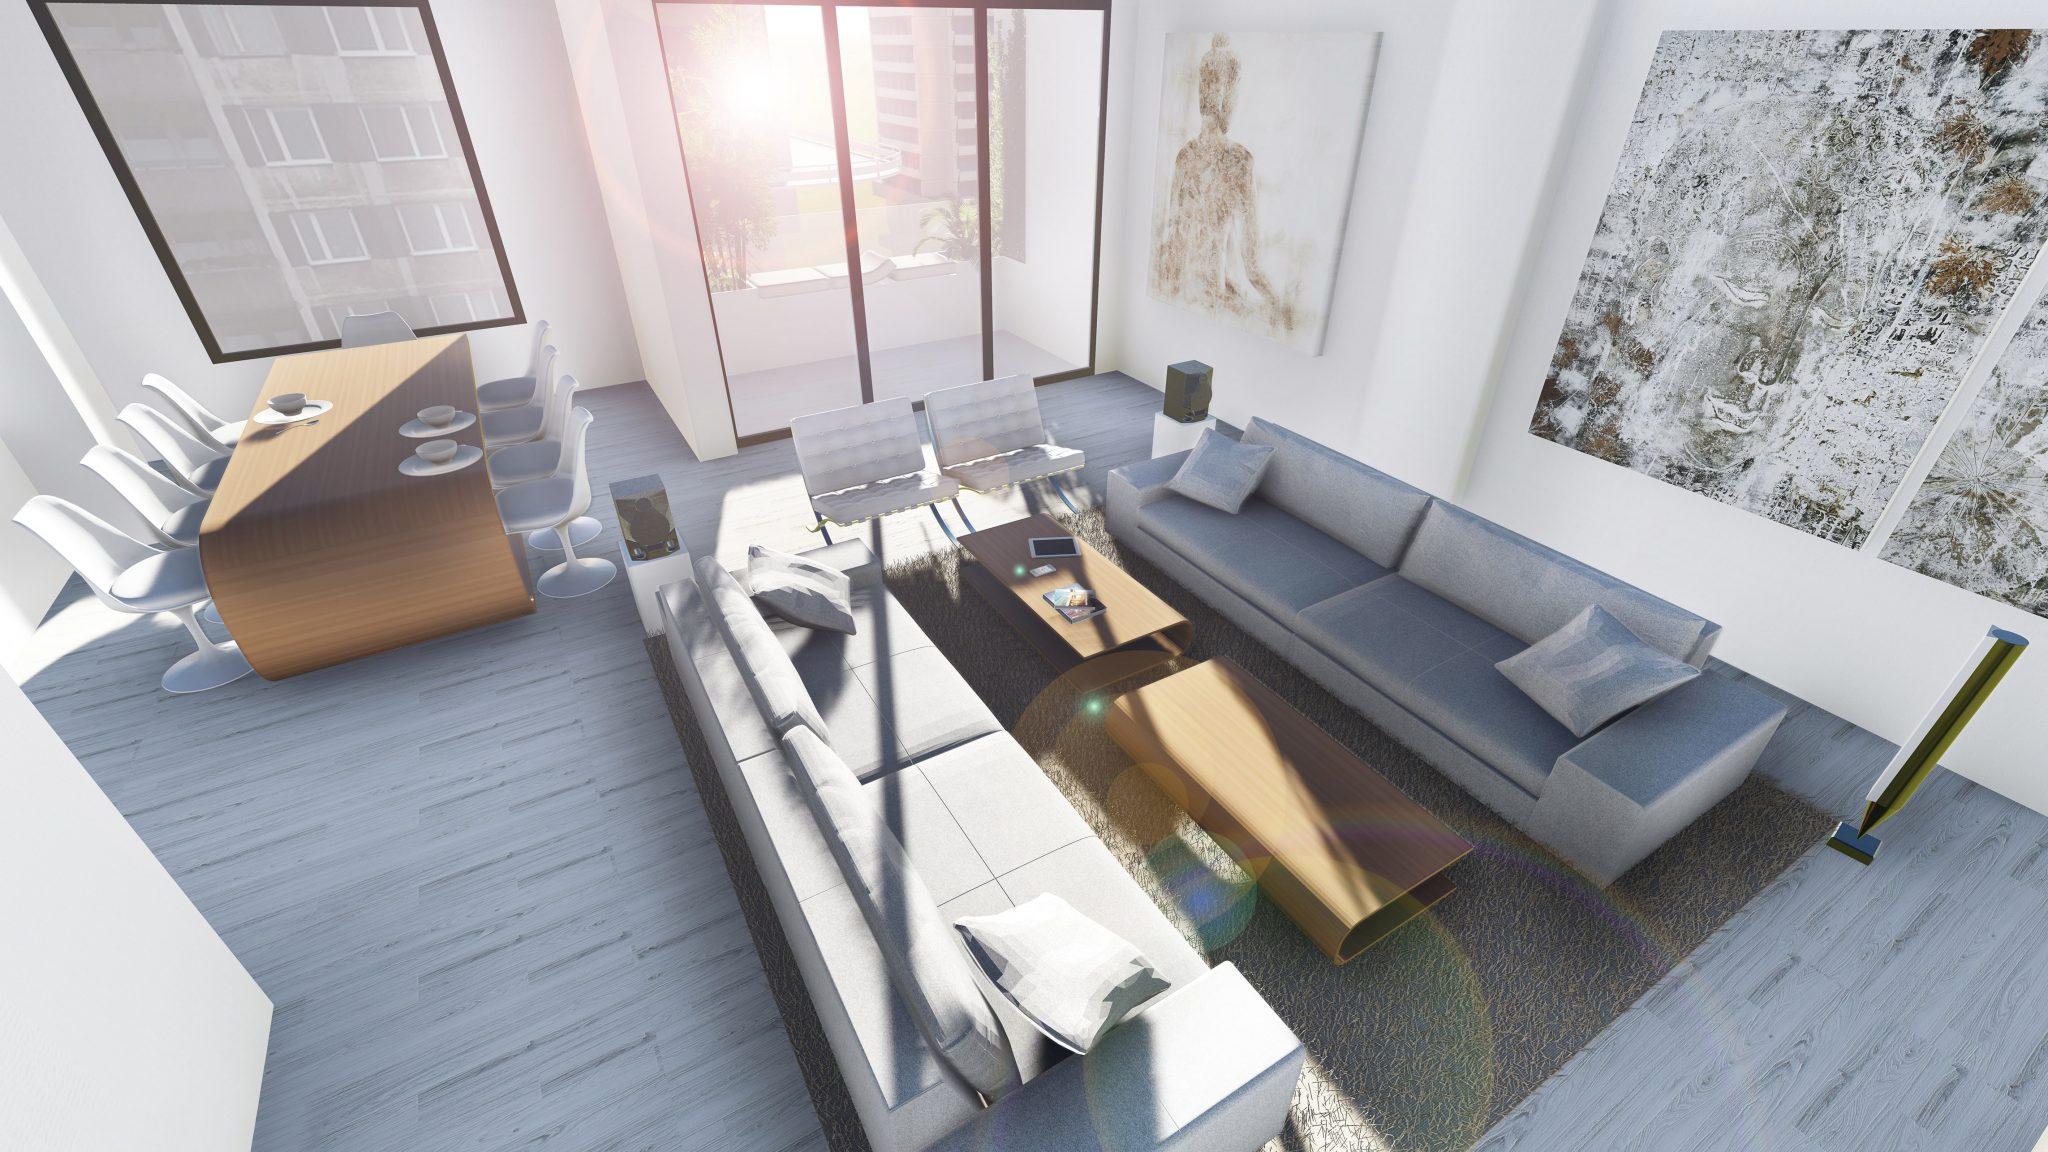 Arquitectura / Interiorismo